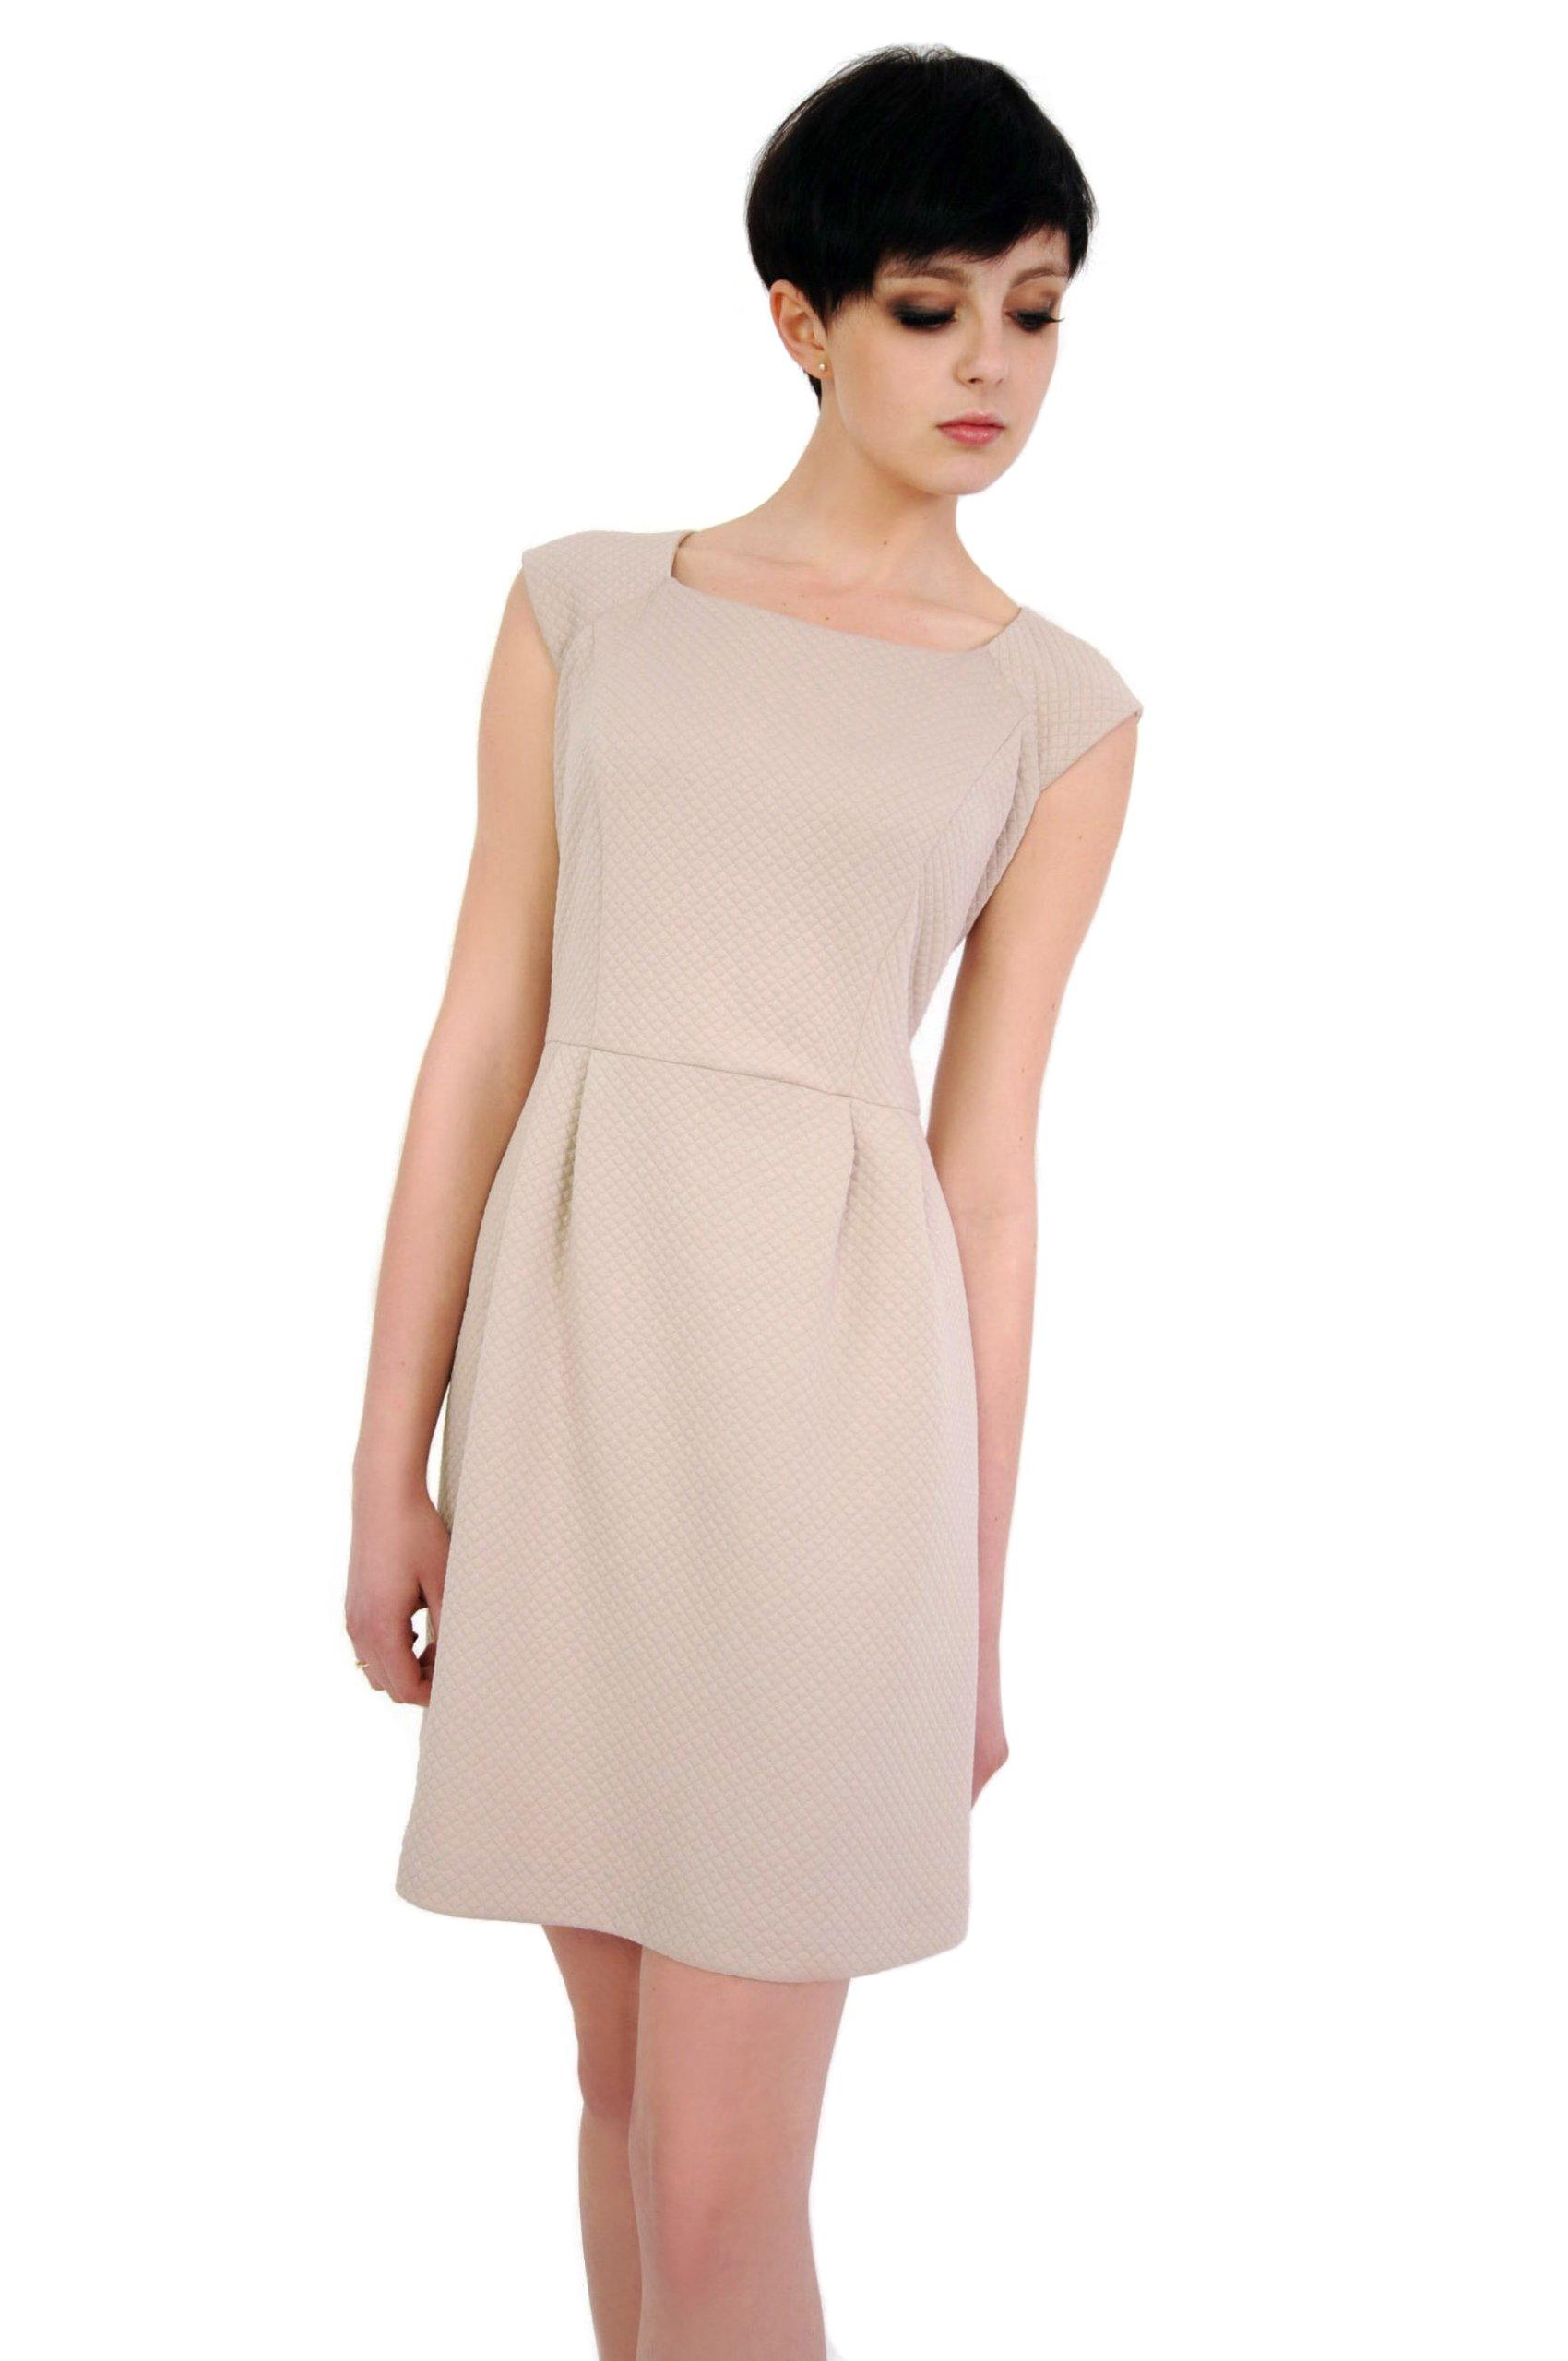 6968960851 Sukienka rozkloszowana o klasycznym kroju 42 XL - 7104159129 ...